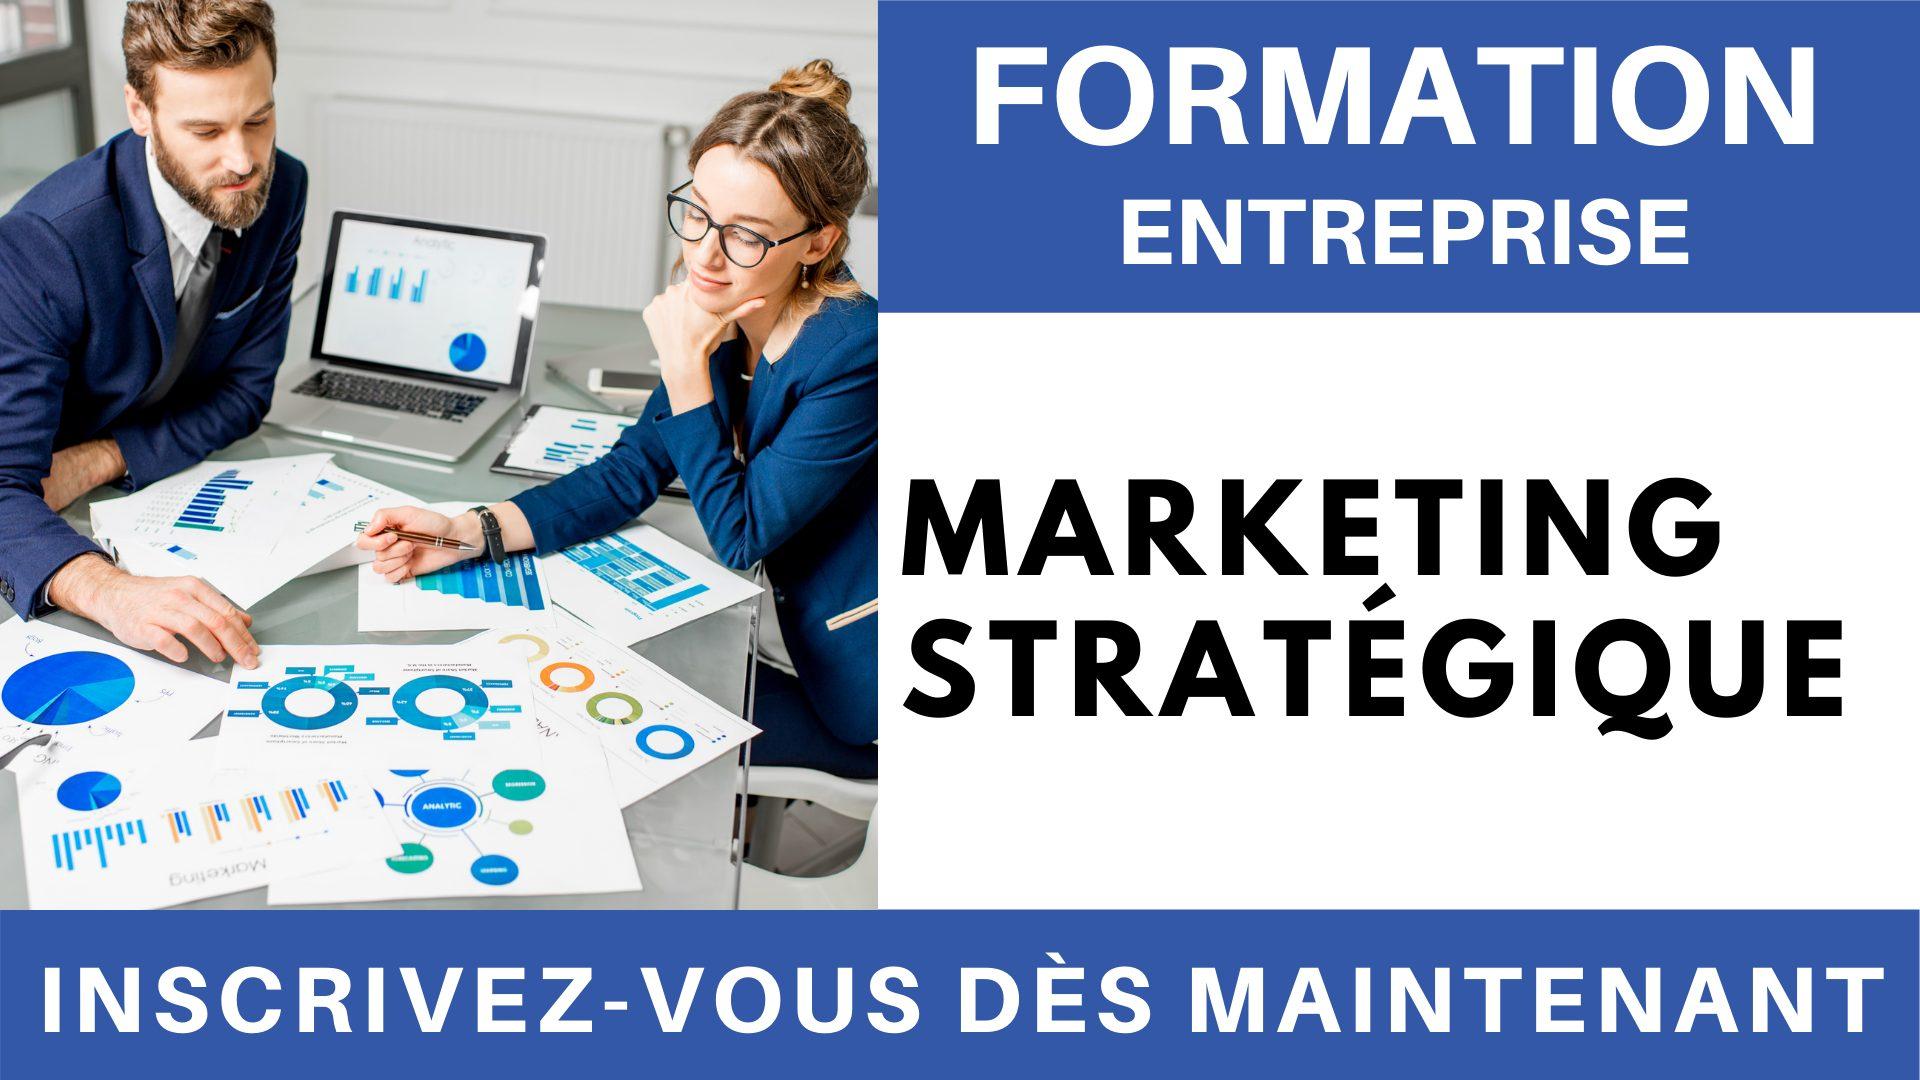 Formation Entreprise - Marketing stratégique